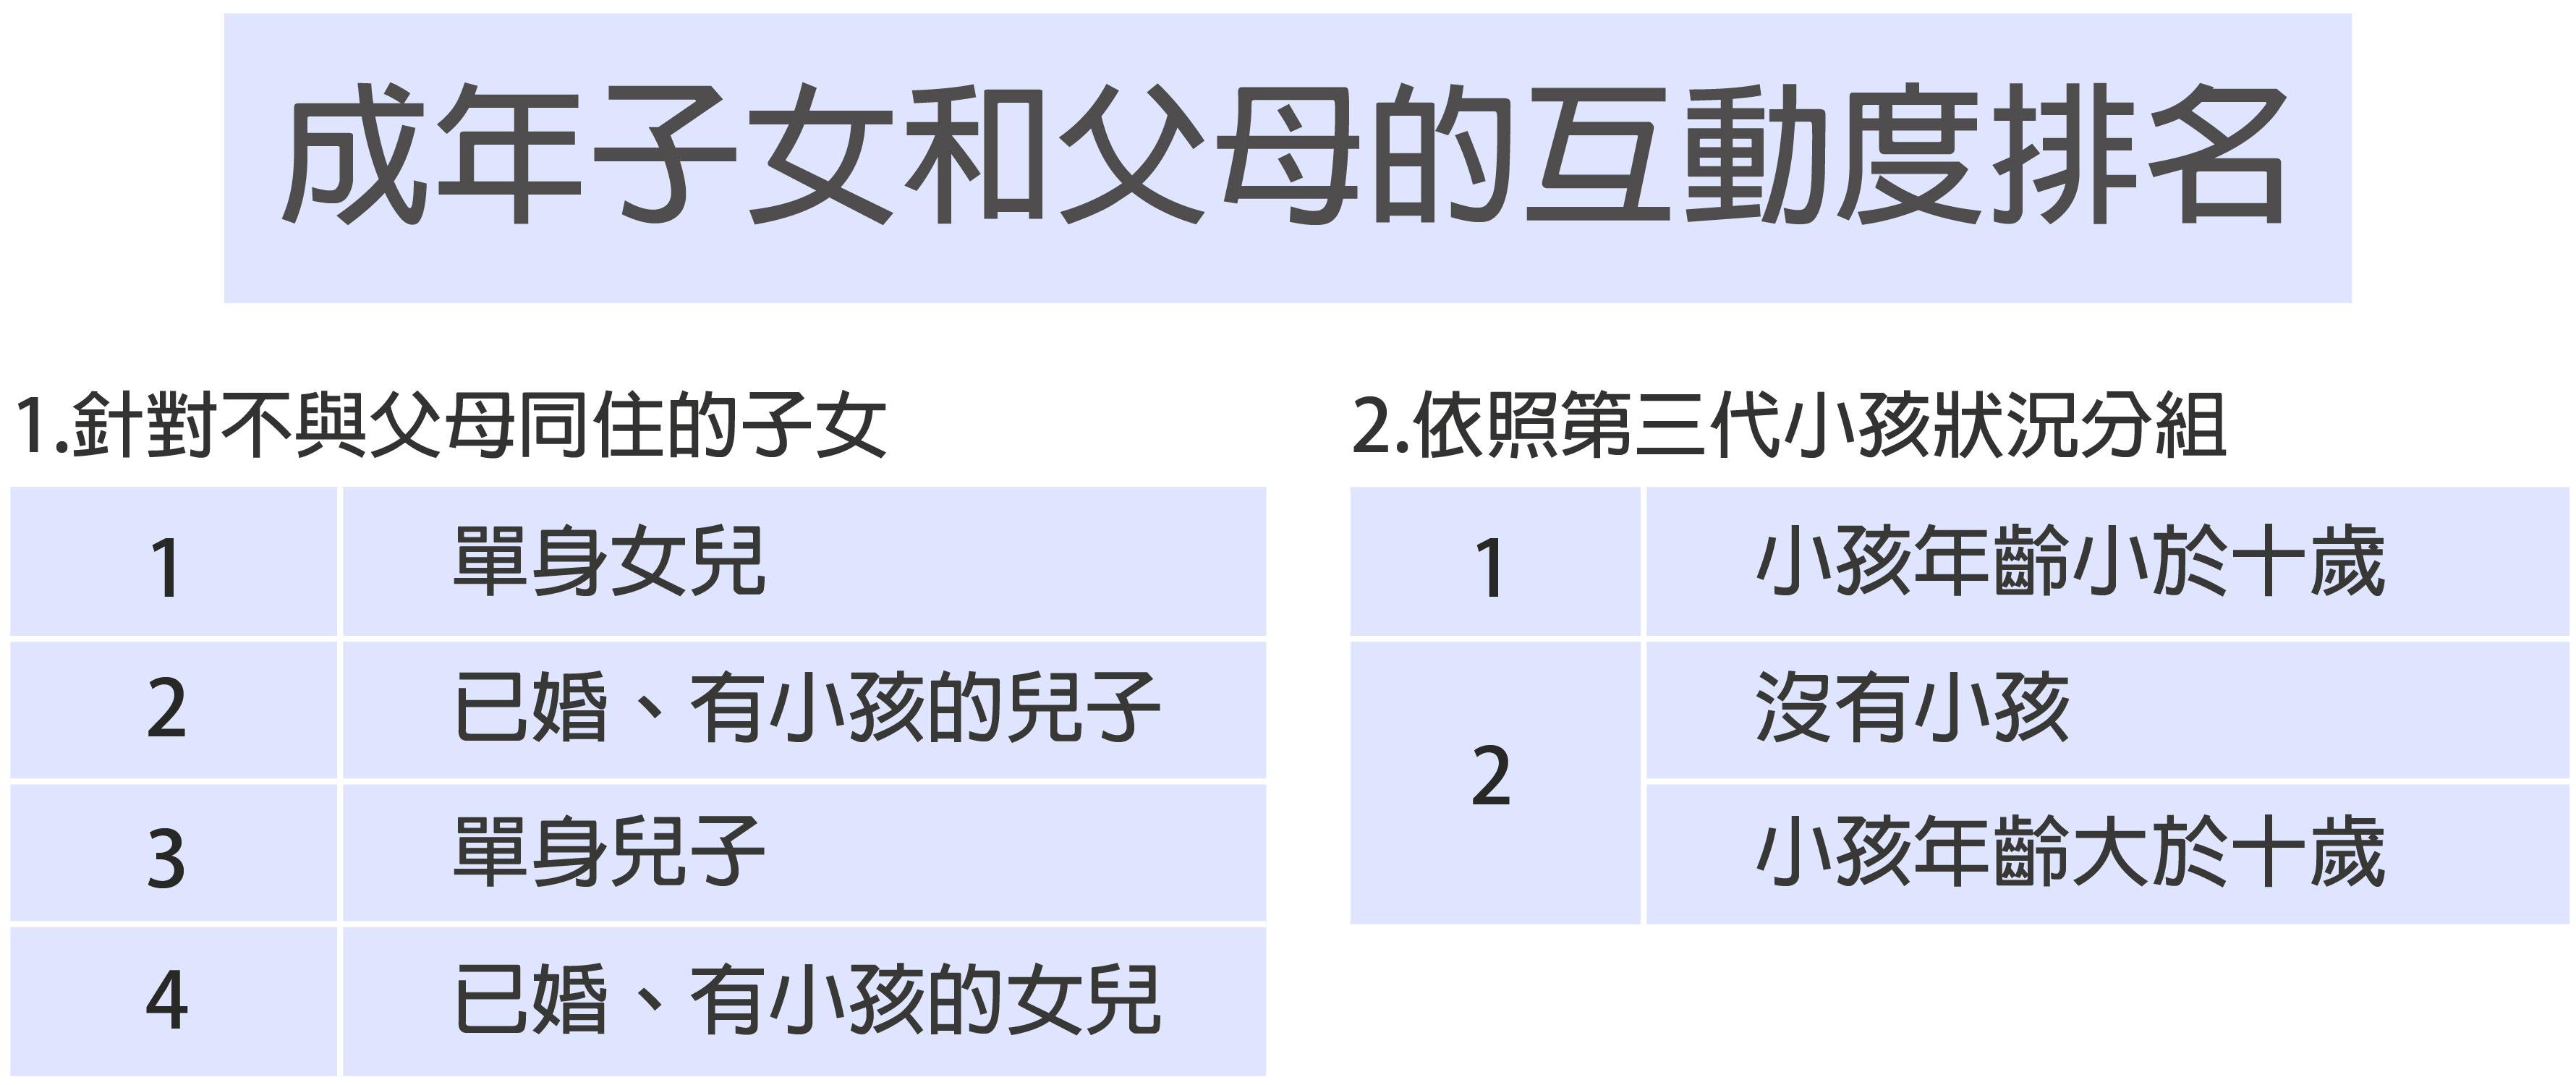 圖說設計│黃曉君、林洵安 資料來源│陶宏麟